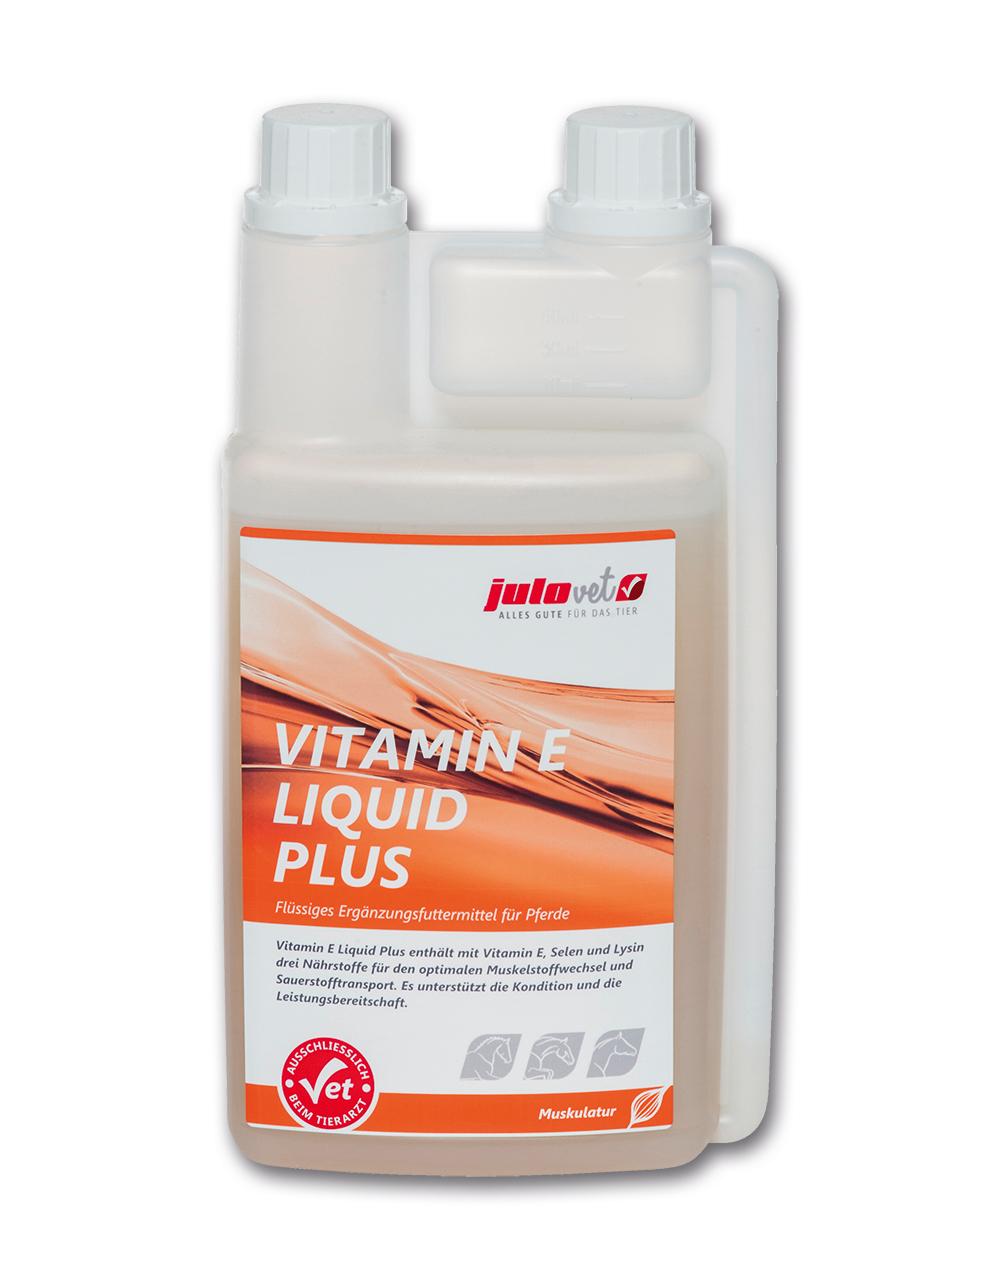 Vitamin E Liquid Plus